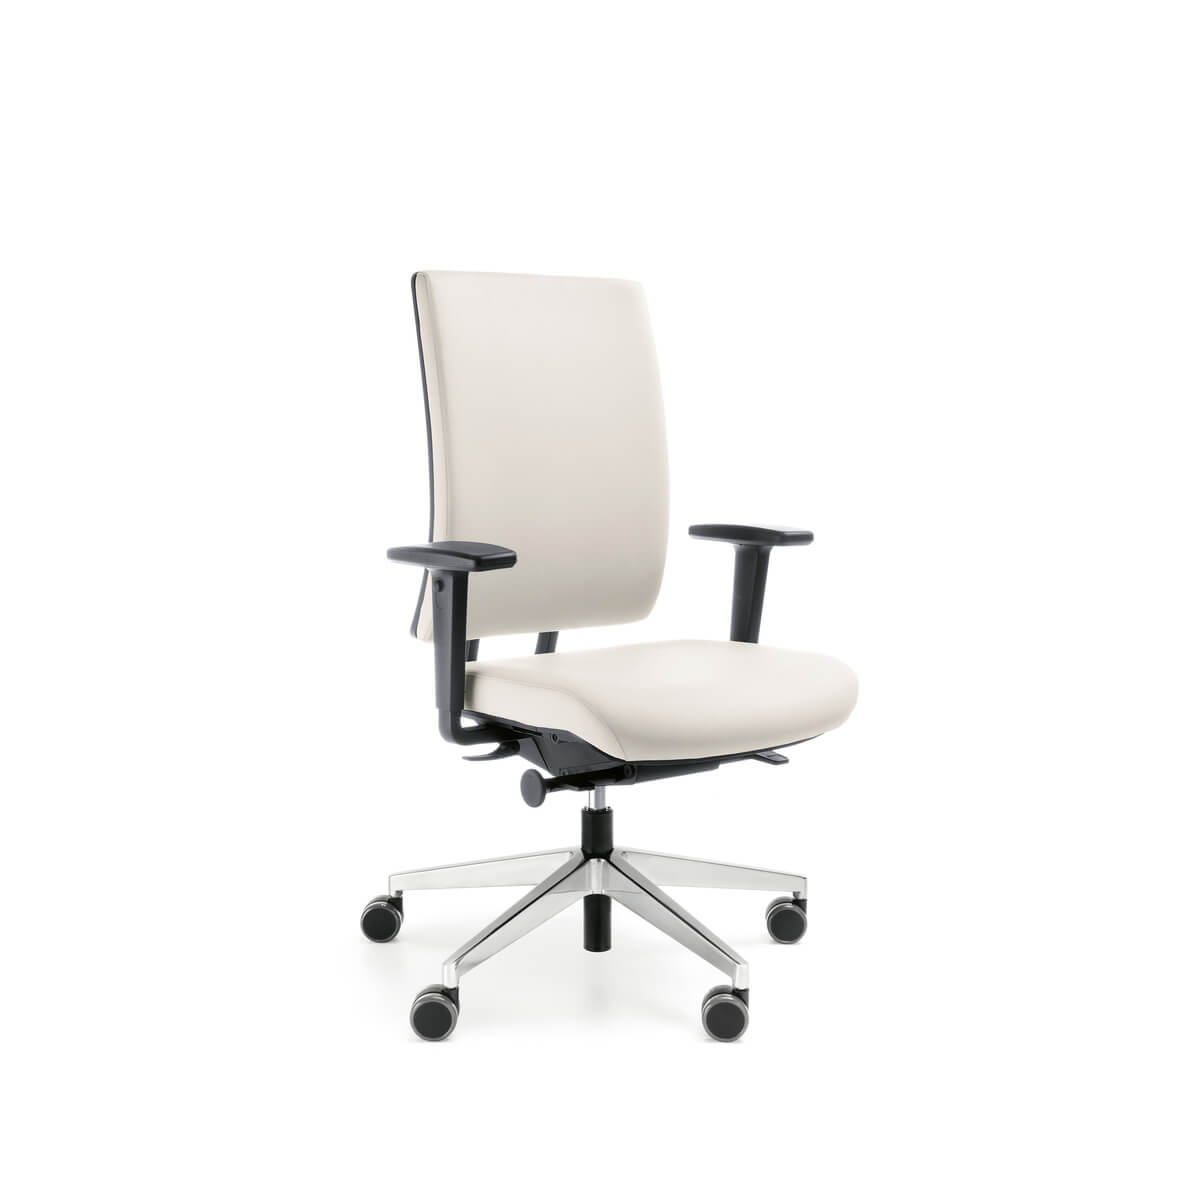 Kancelárska otočná stolička Veris